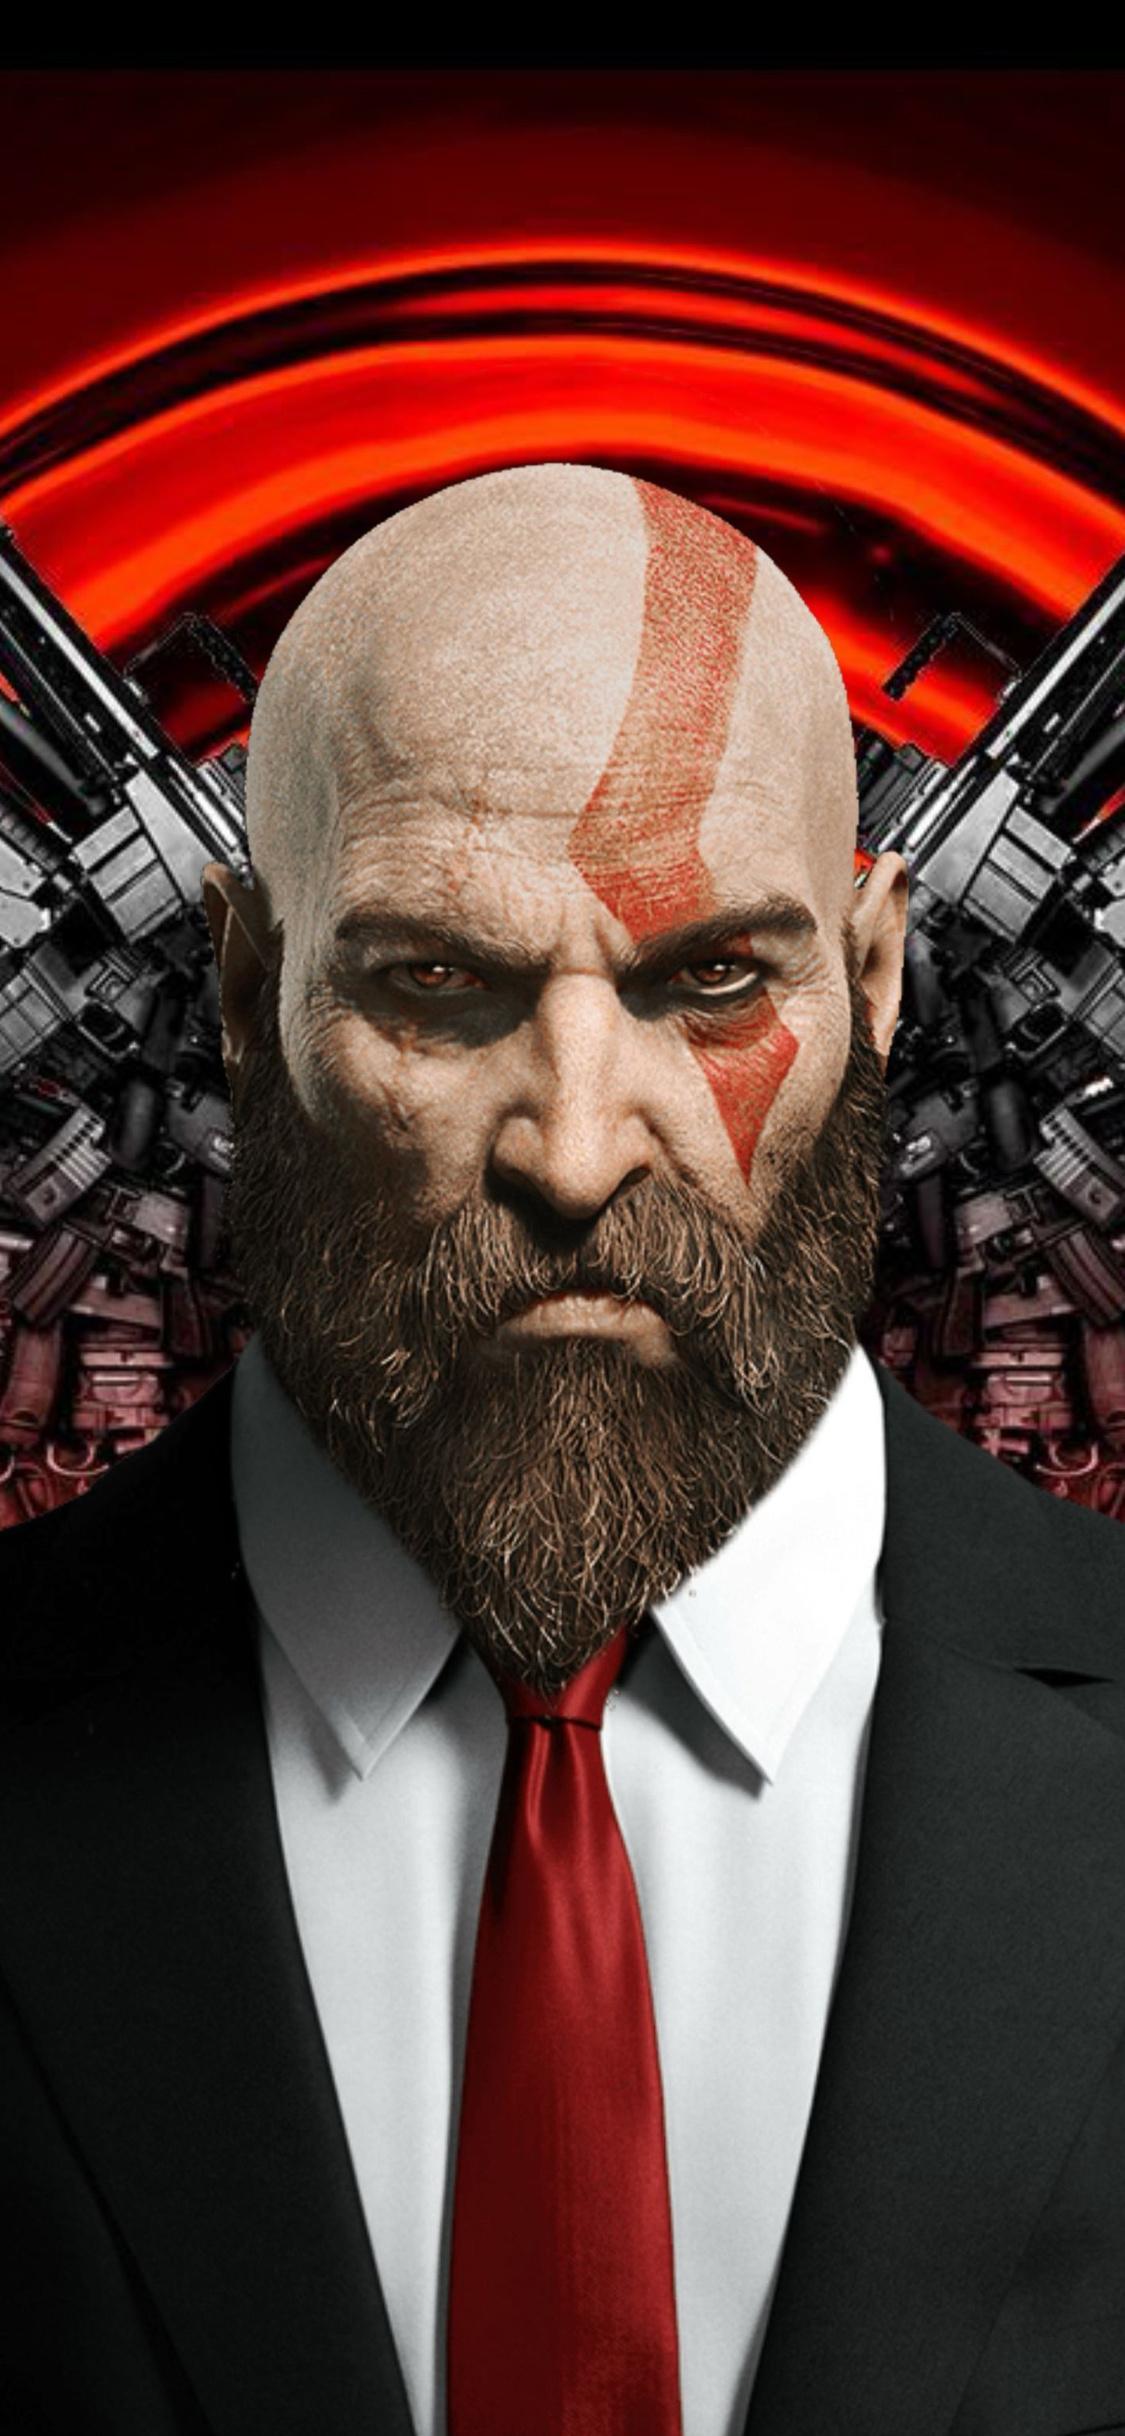 kratos-as-hitman-w3.jpg